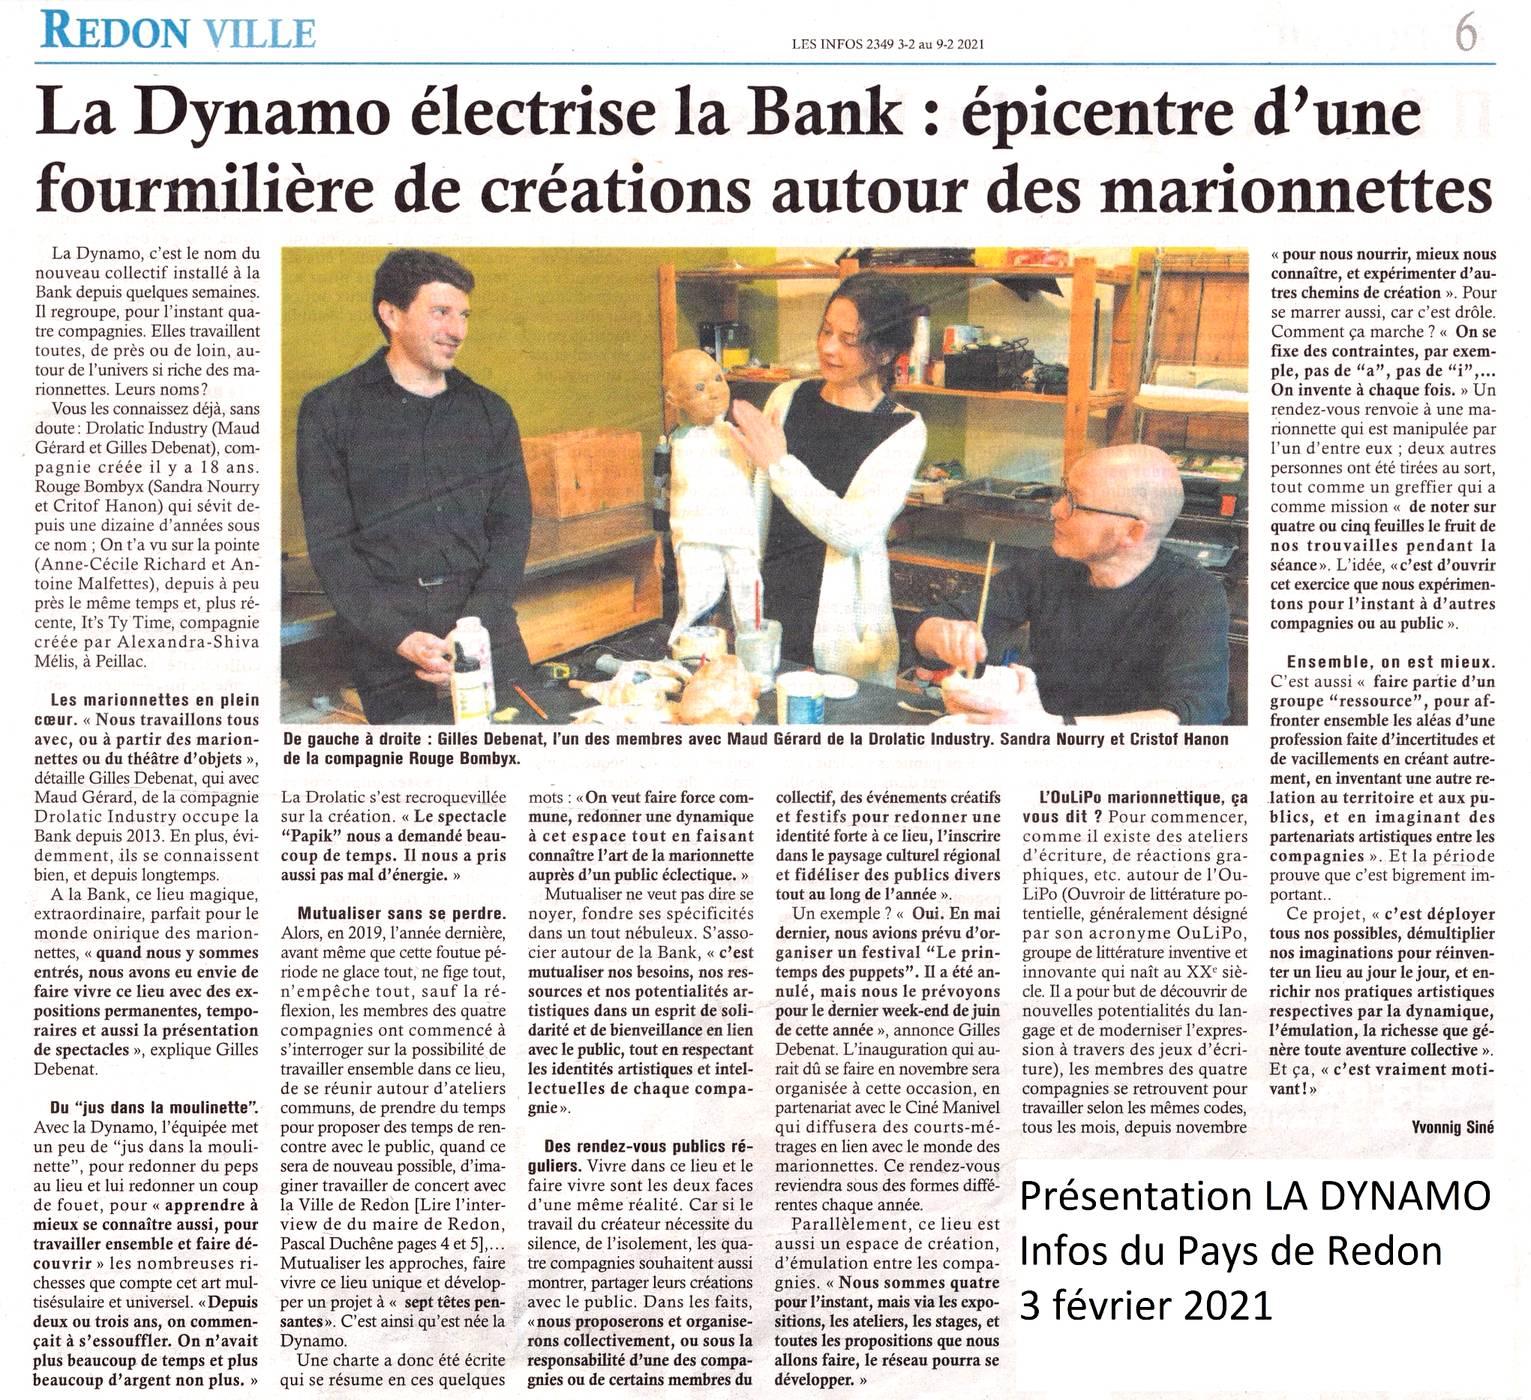 Article dans Les Infos du Pays de Redon, 03/02/21